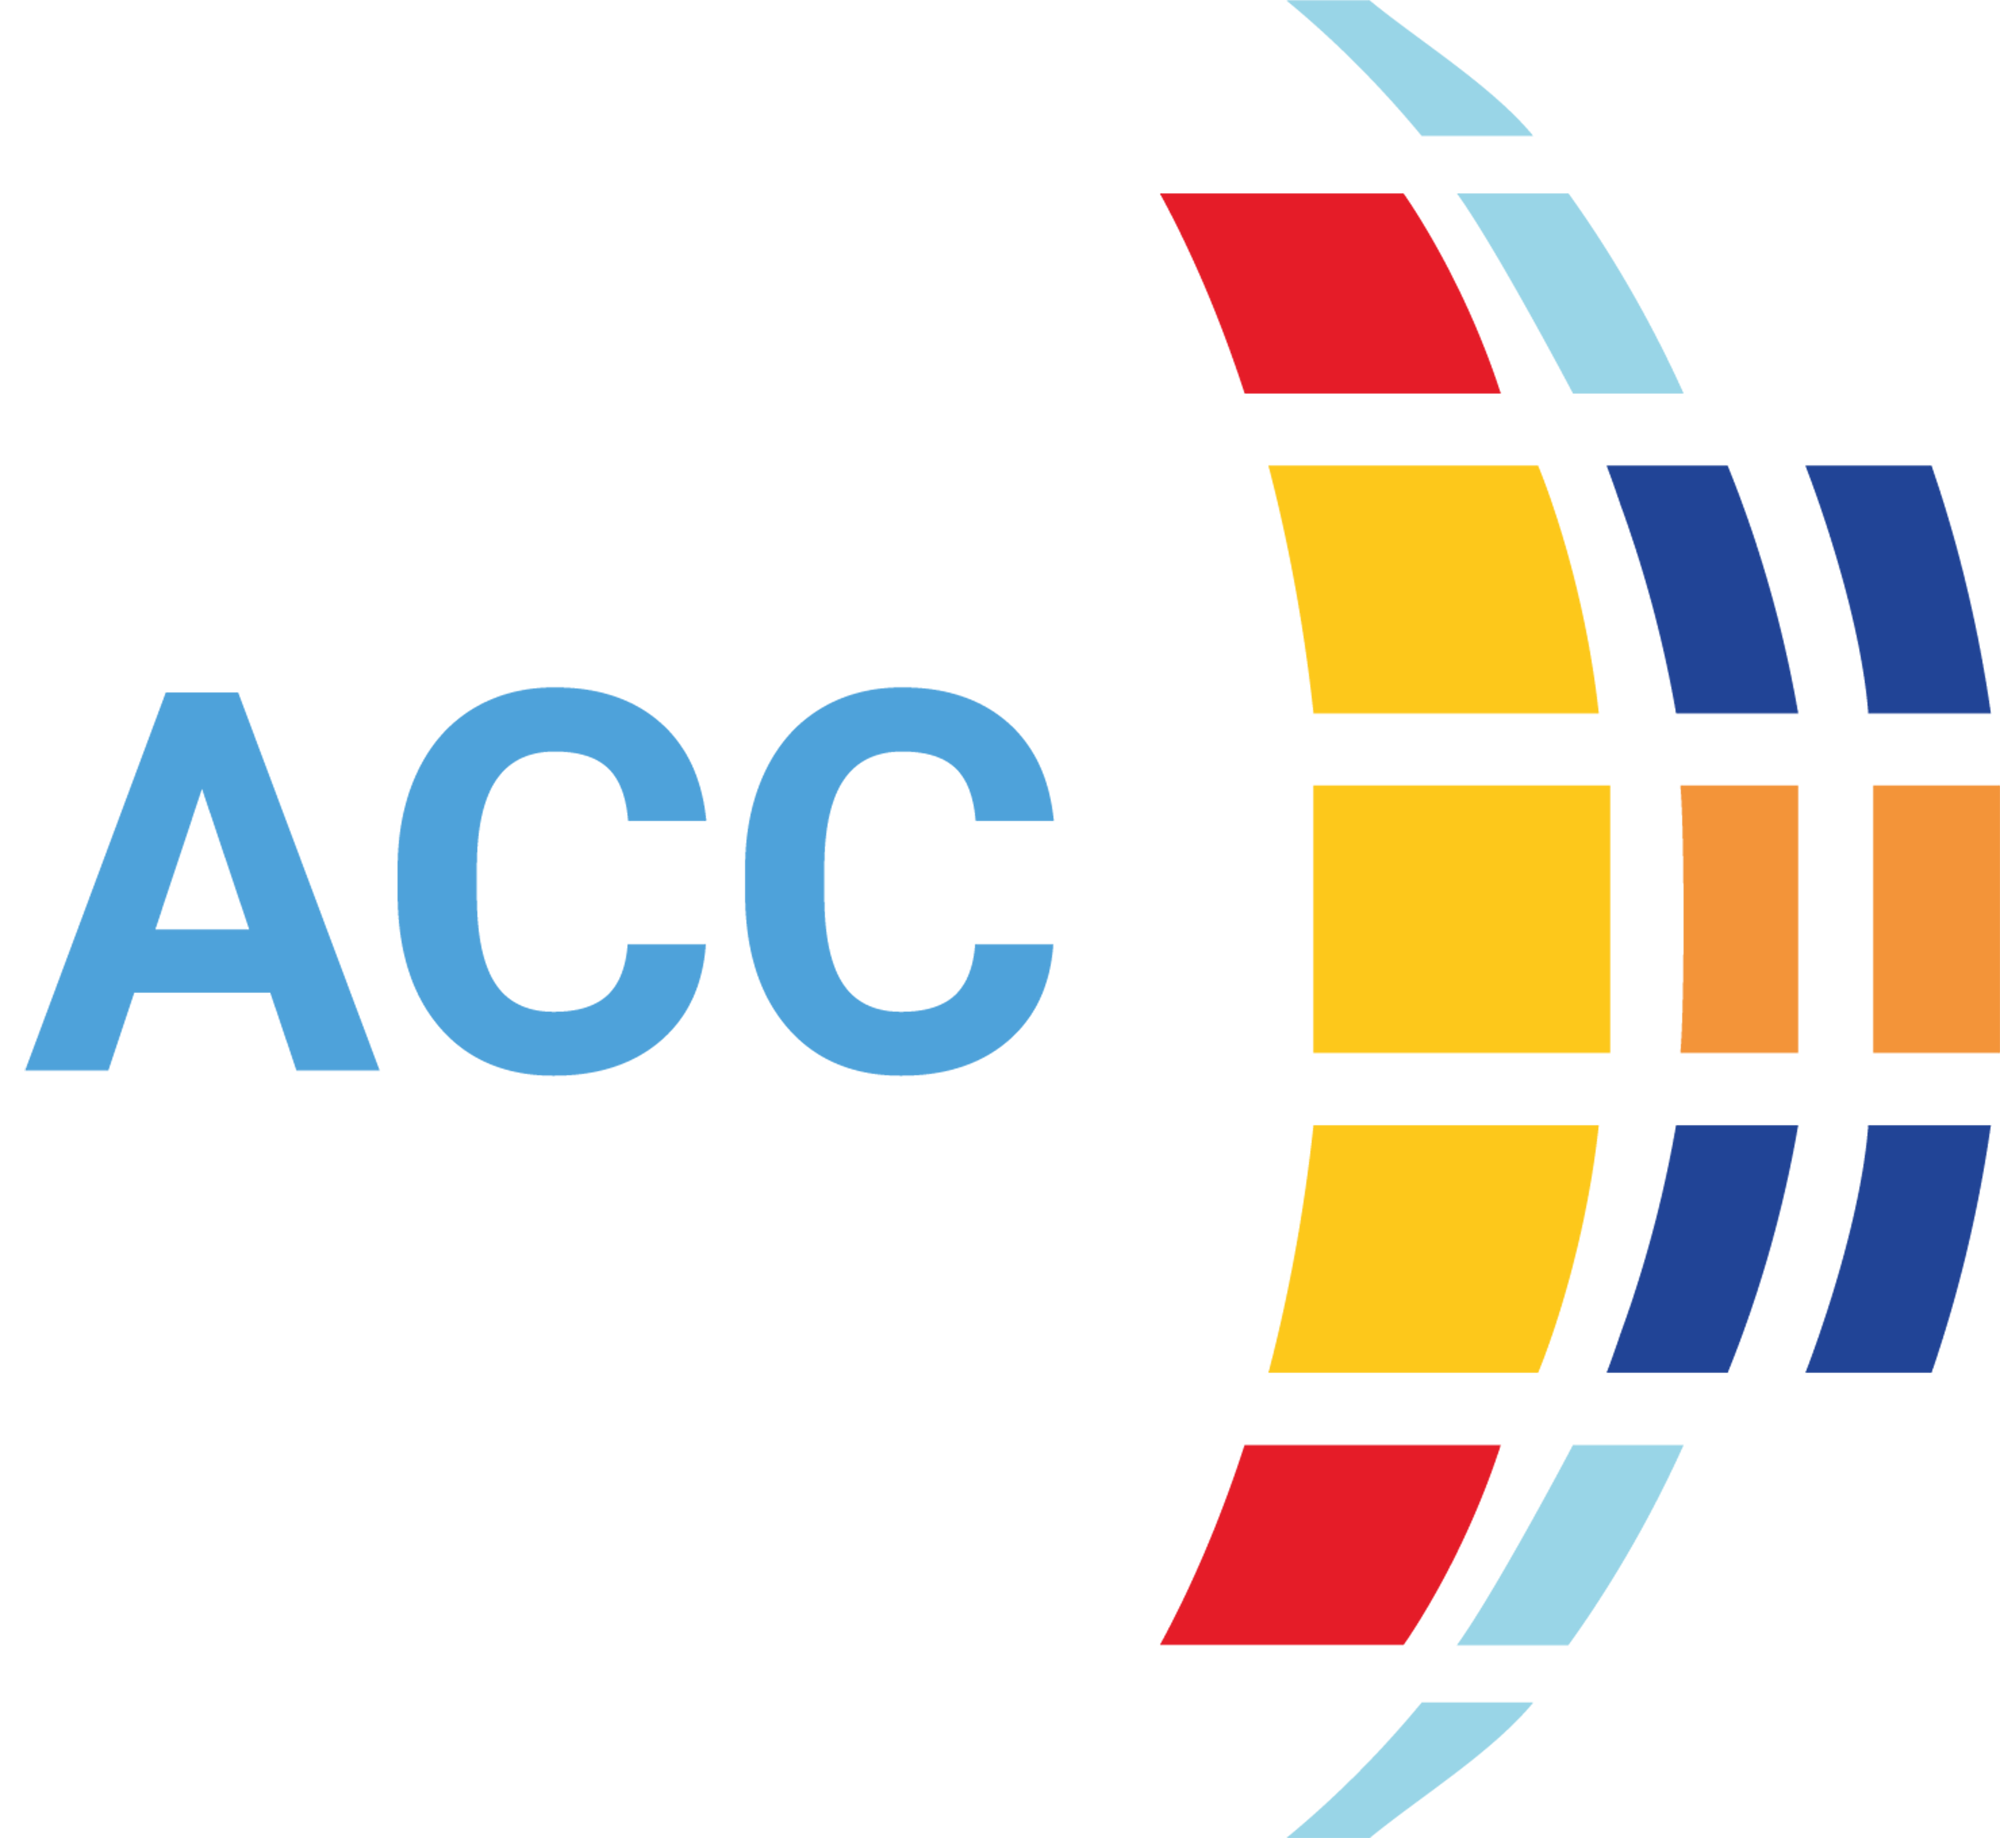 Acc Organización y Suministros para la Empresa